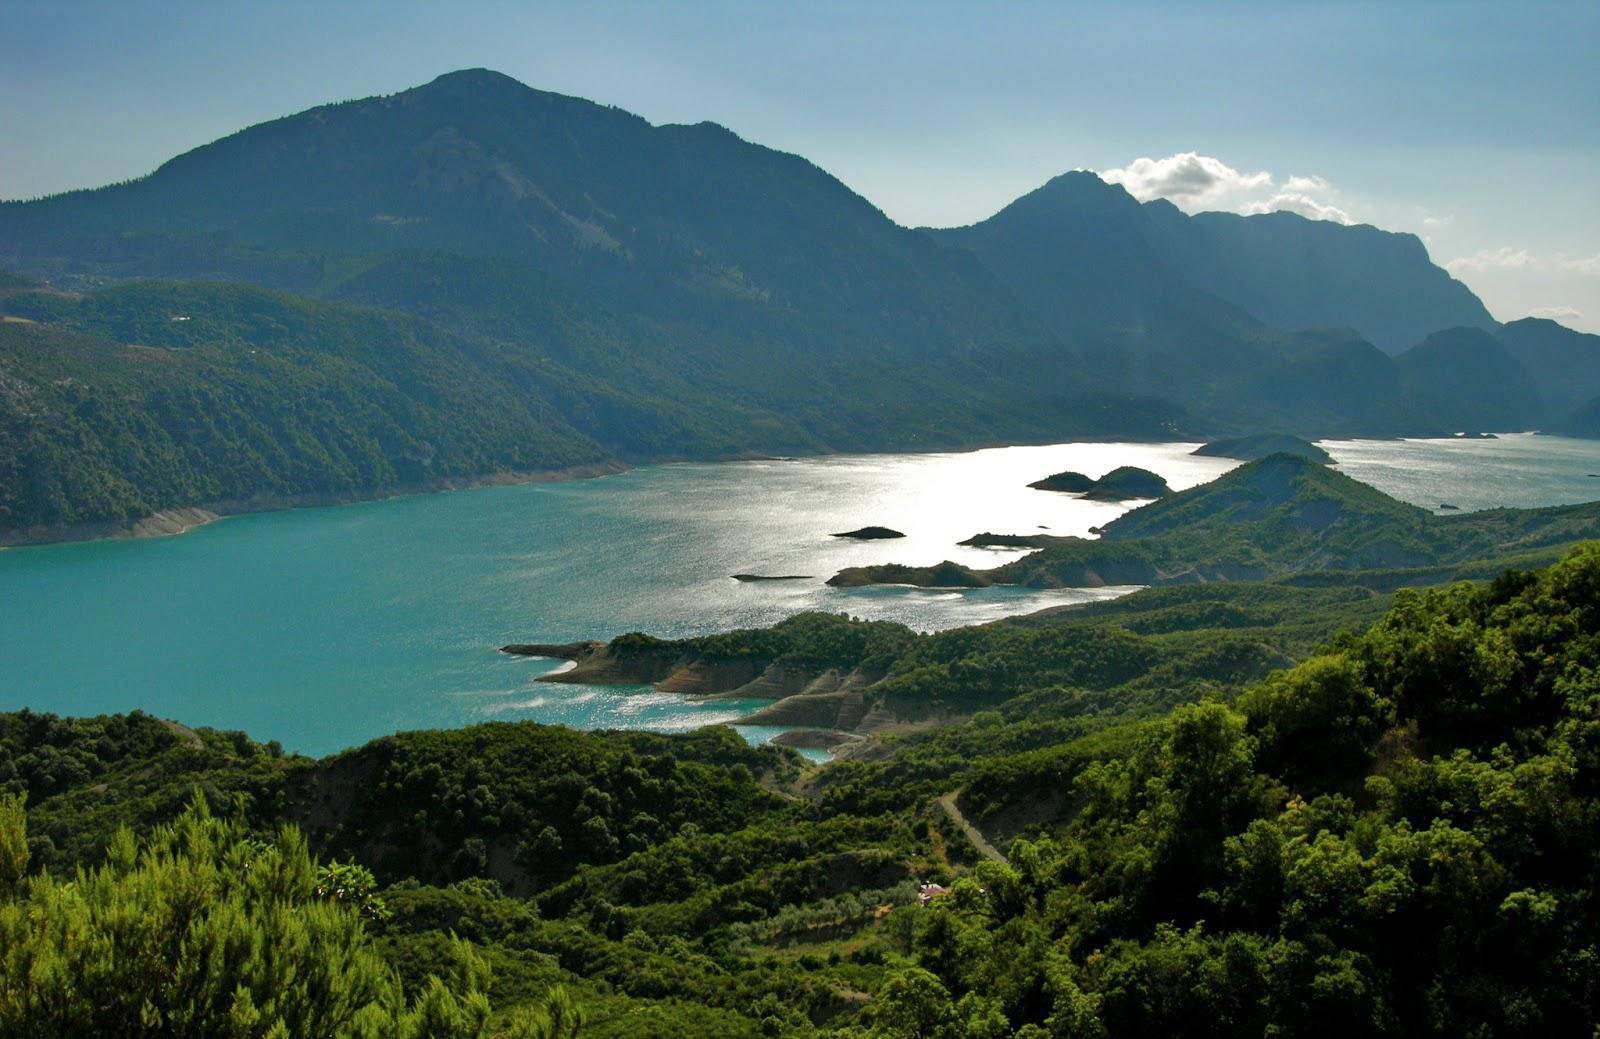 Η Λίμνη Κρεμαστών,η καθαρότερη τεχνητή λίμνη της Ευρώπης!